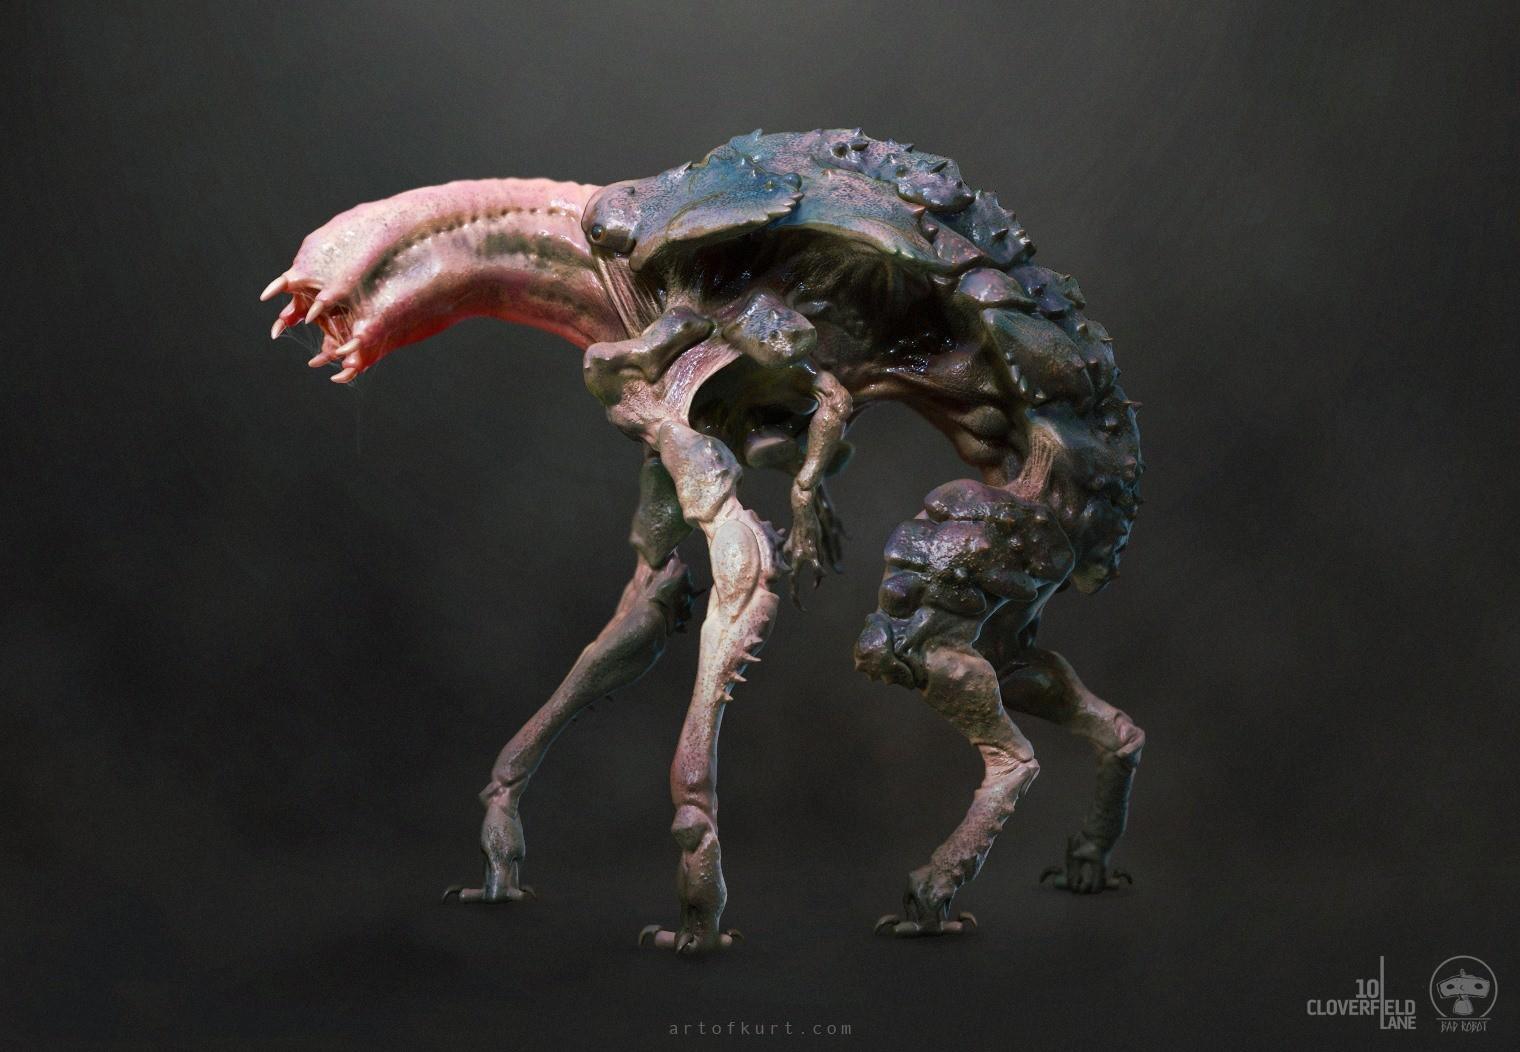 Alien | Cloverpedia | FANDOM powered by Wikia